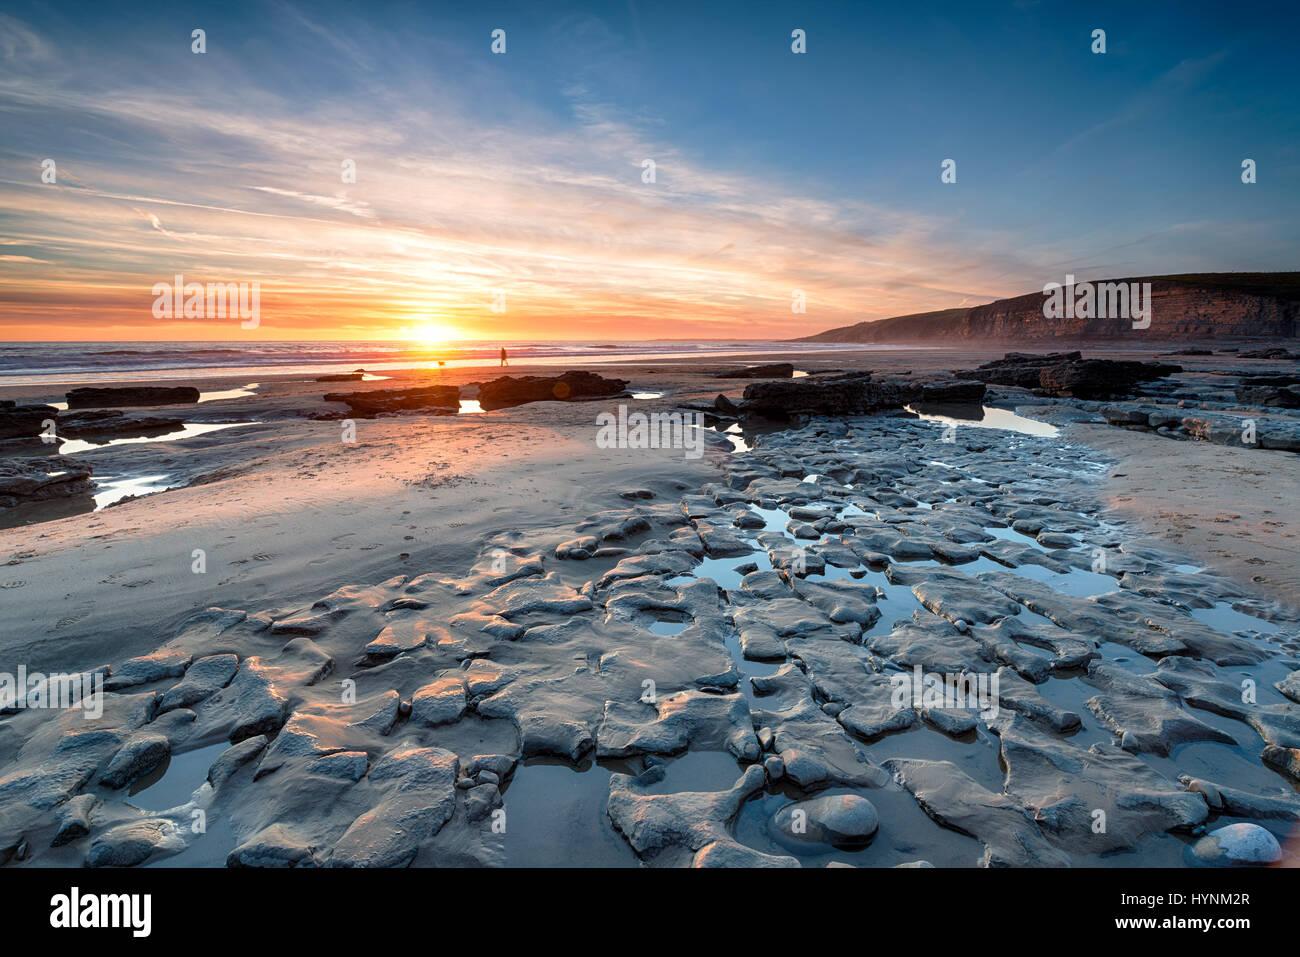 Sonnenuntergang am Dunraven Bay einen großen Strand am Southerndown an der südlichen Küste von Wales Stockbild